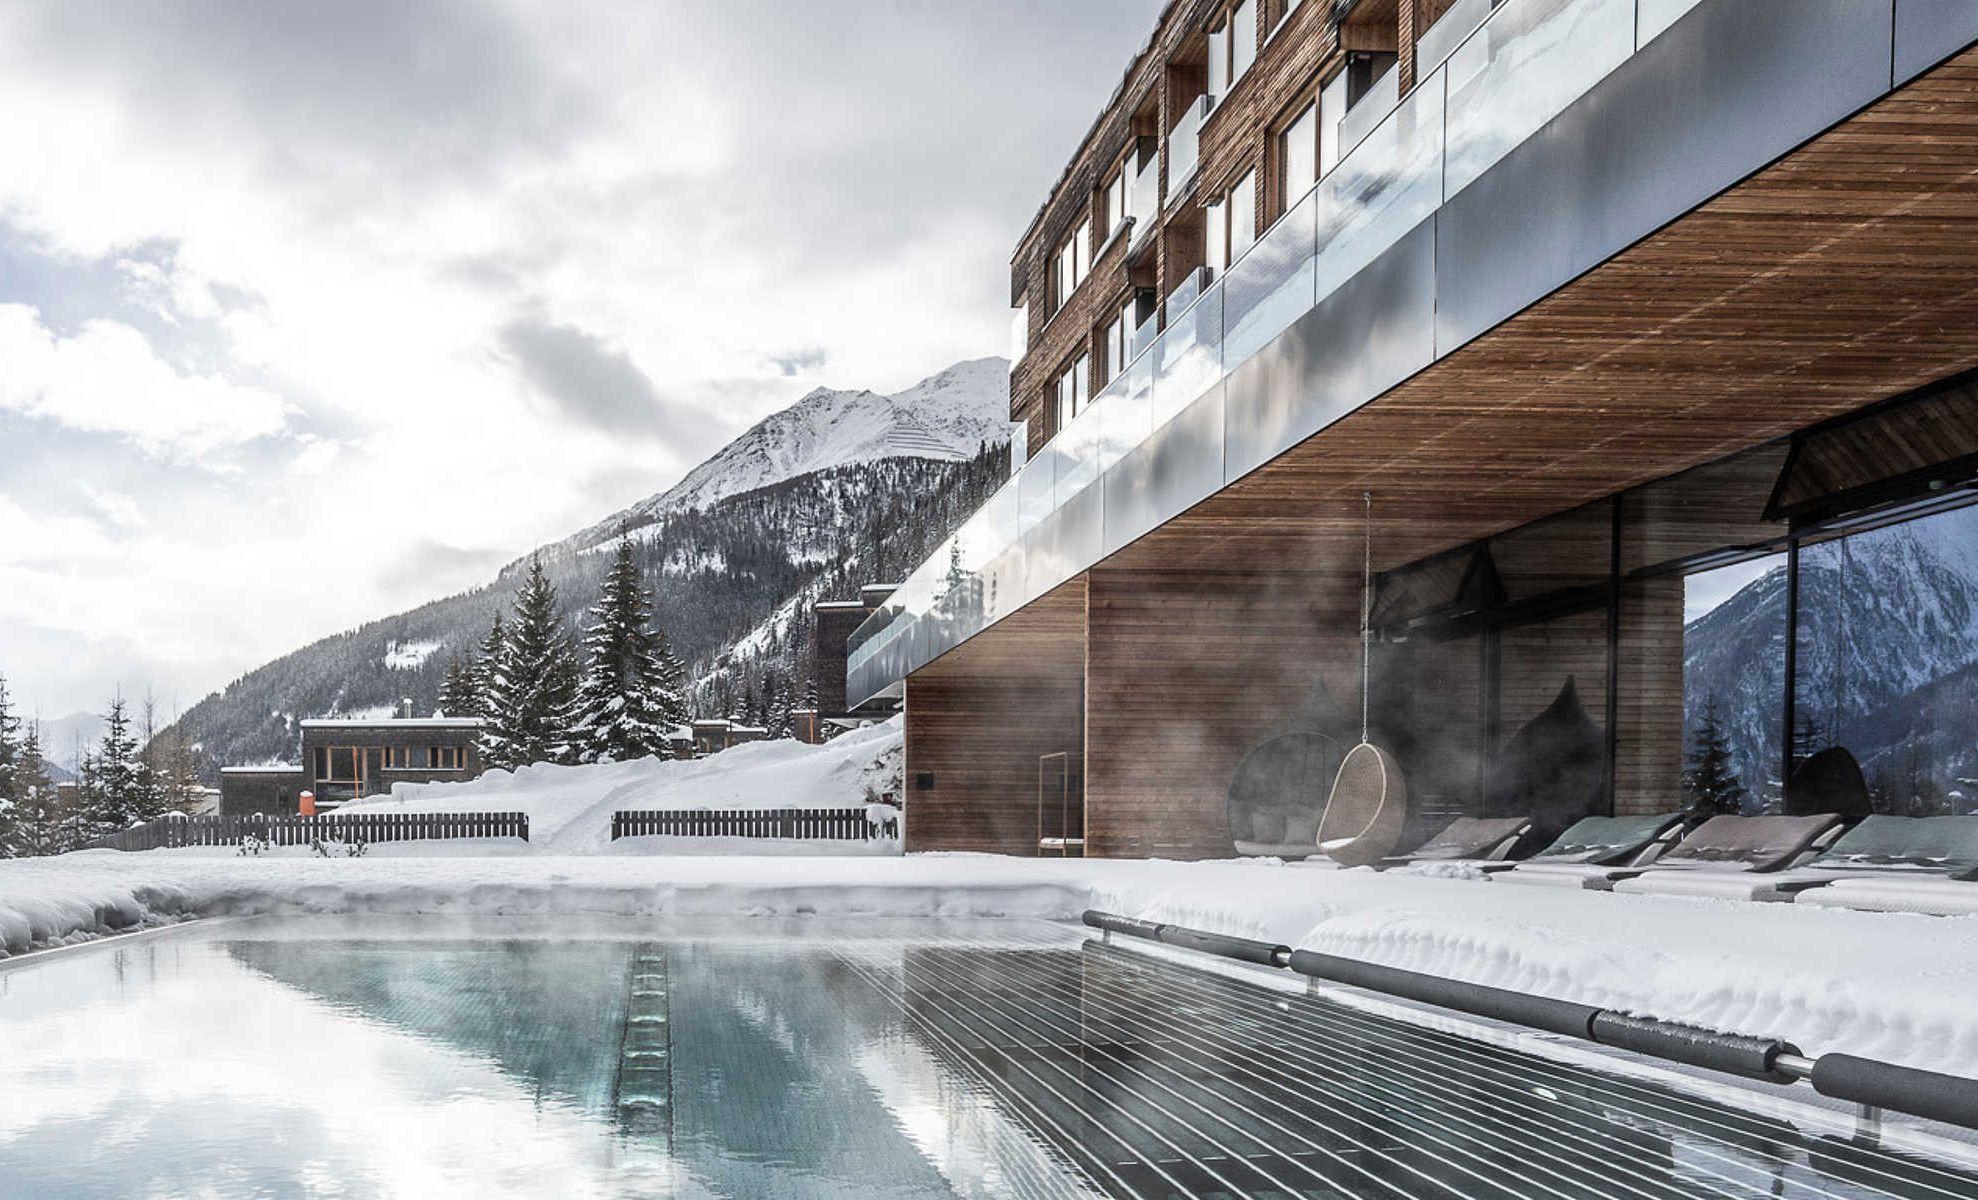 Le offerte hotel + spa per il Natale 2019, addio mondo, buongiorno felicità